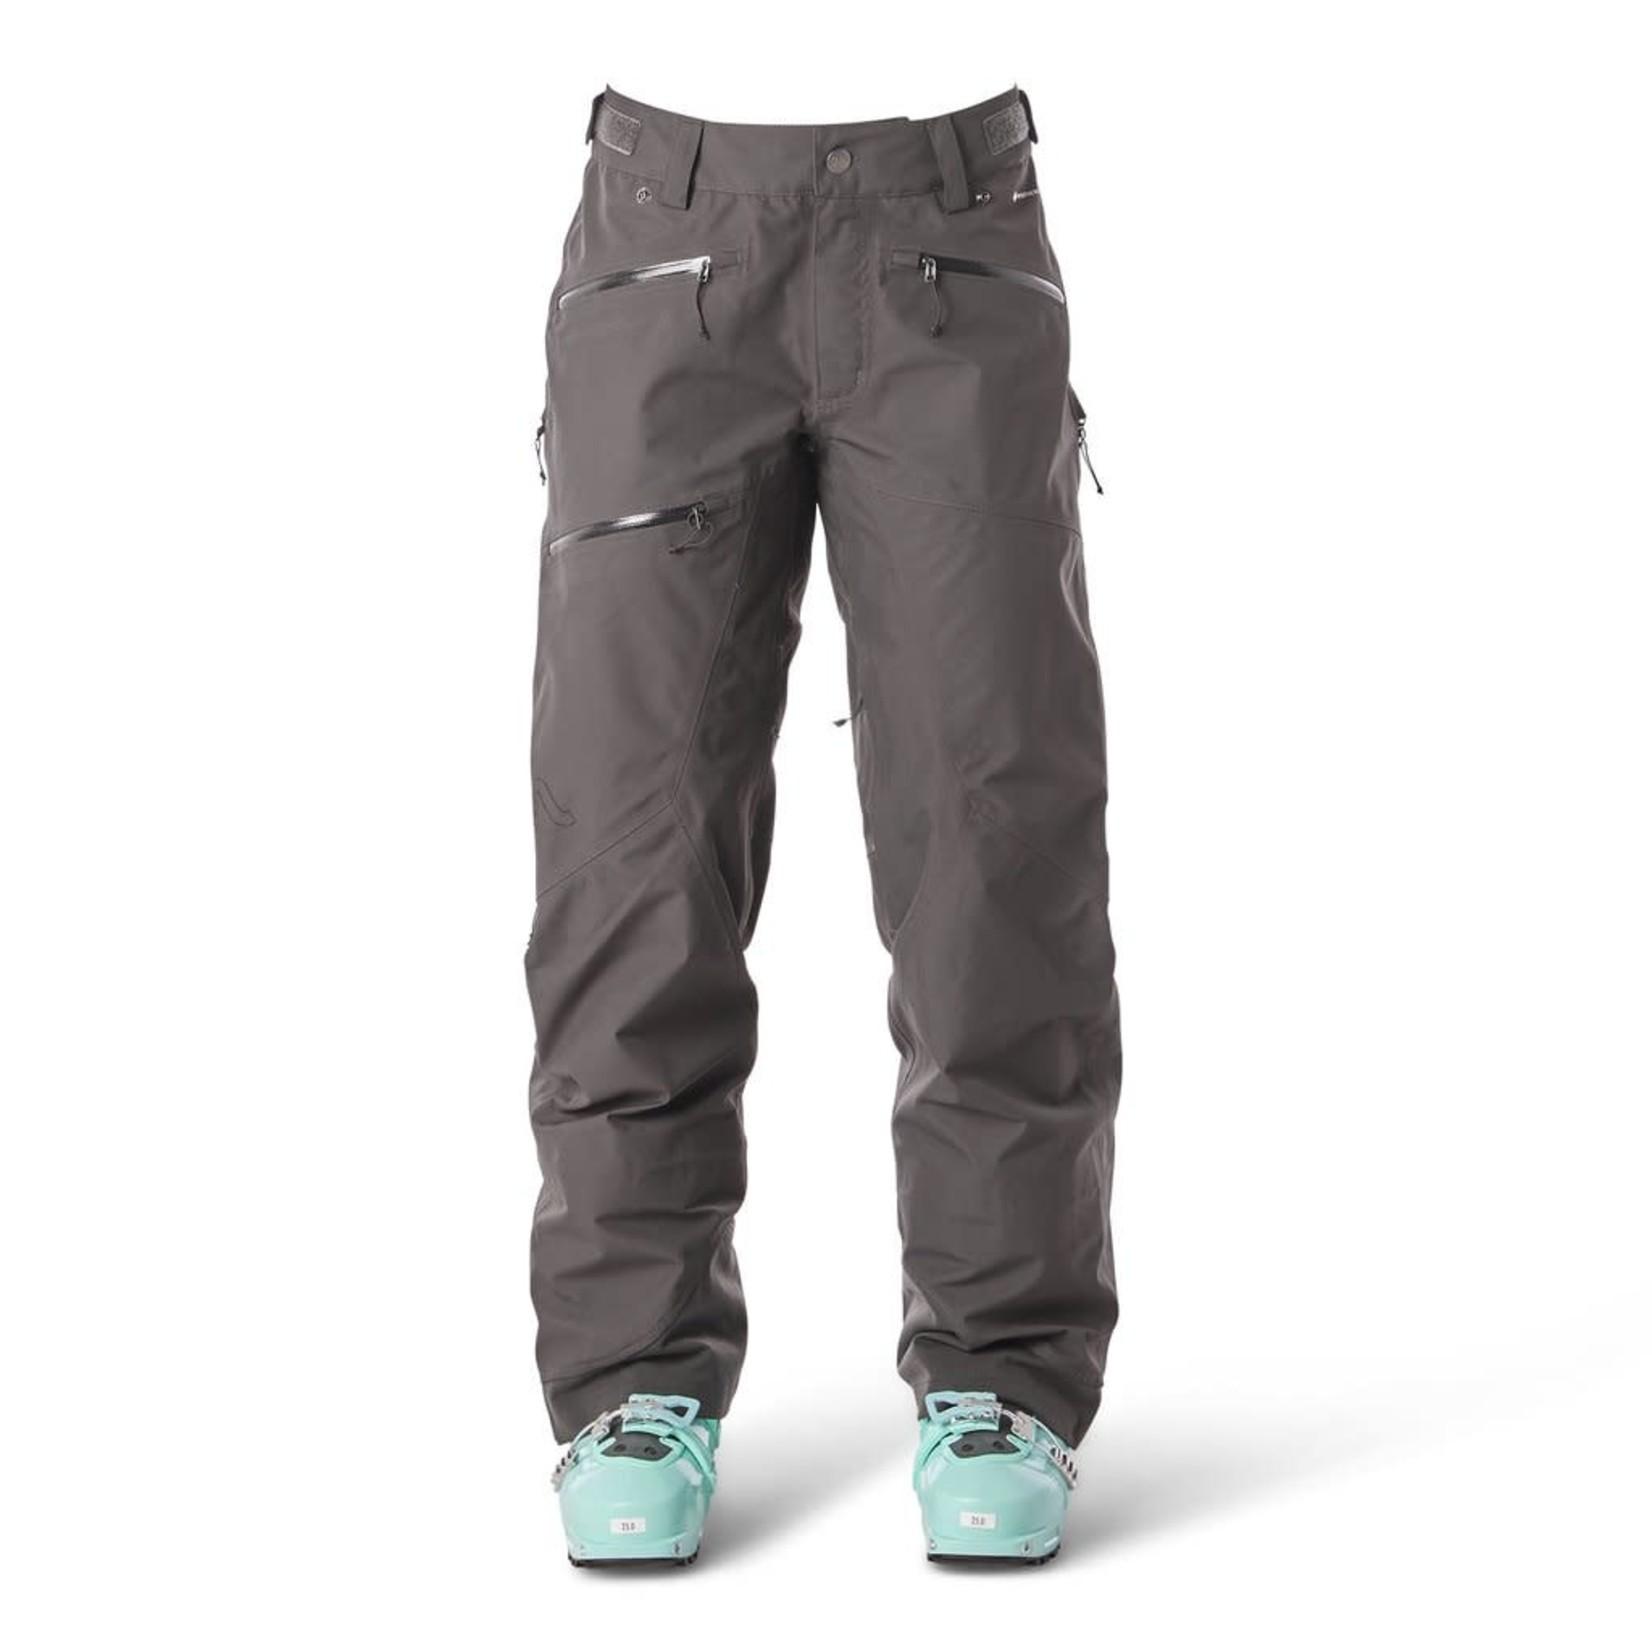 Flylow Pantalon de ski Flylow Nina - Femme